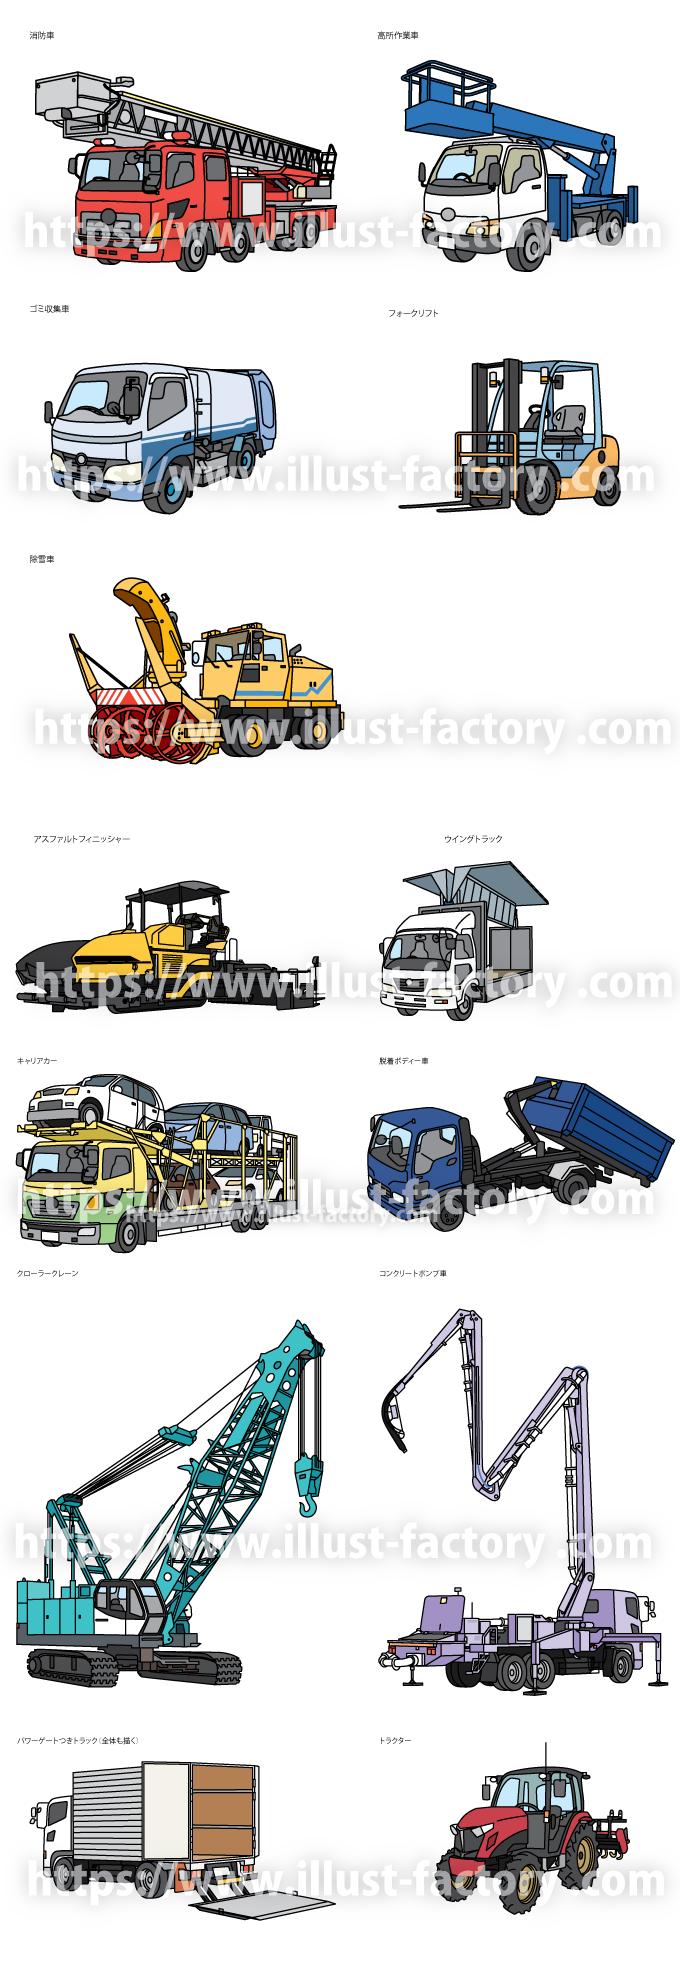 H105 自動車乗り物のイラスト制作